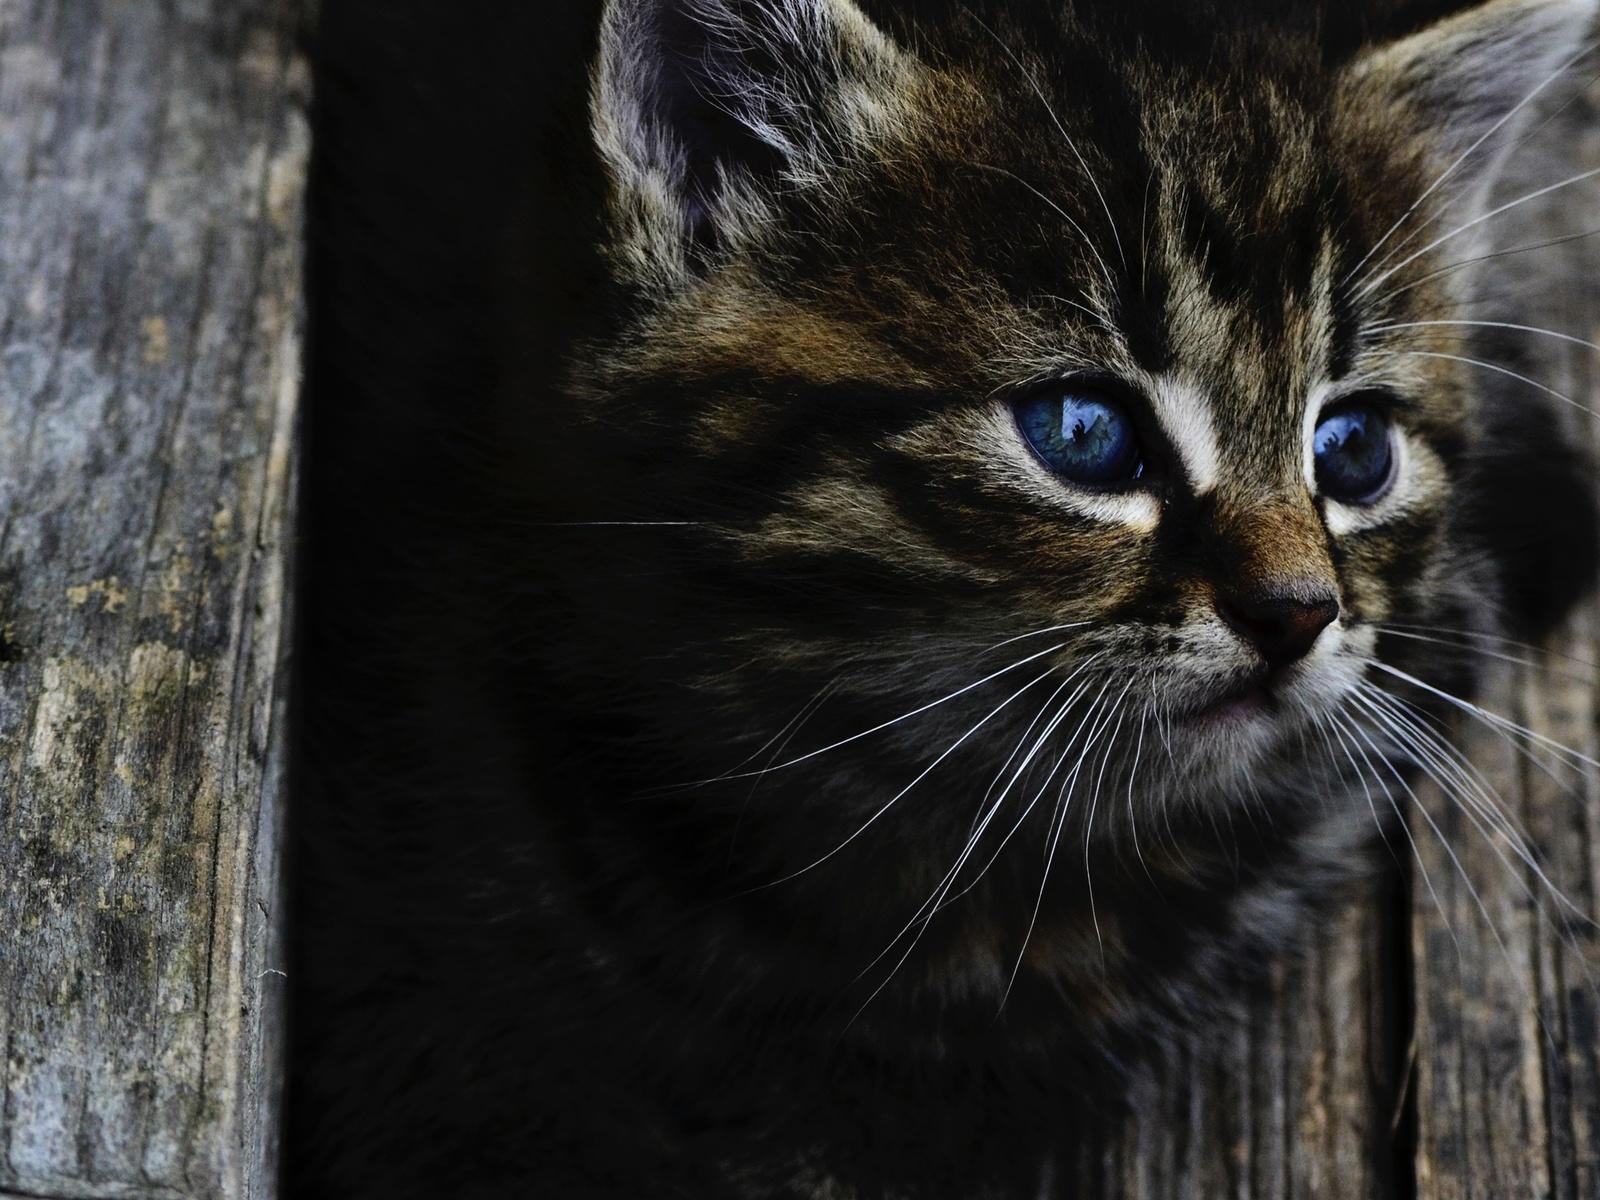 милый серый, котенок, голубые глаза, взгляд, дерево